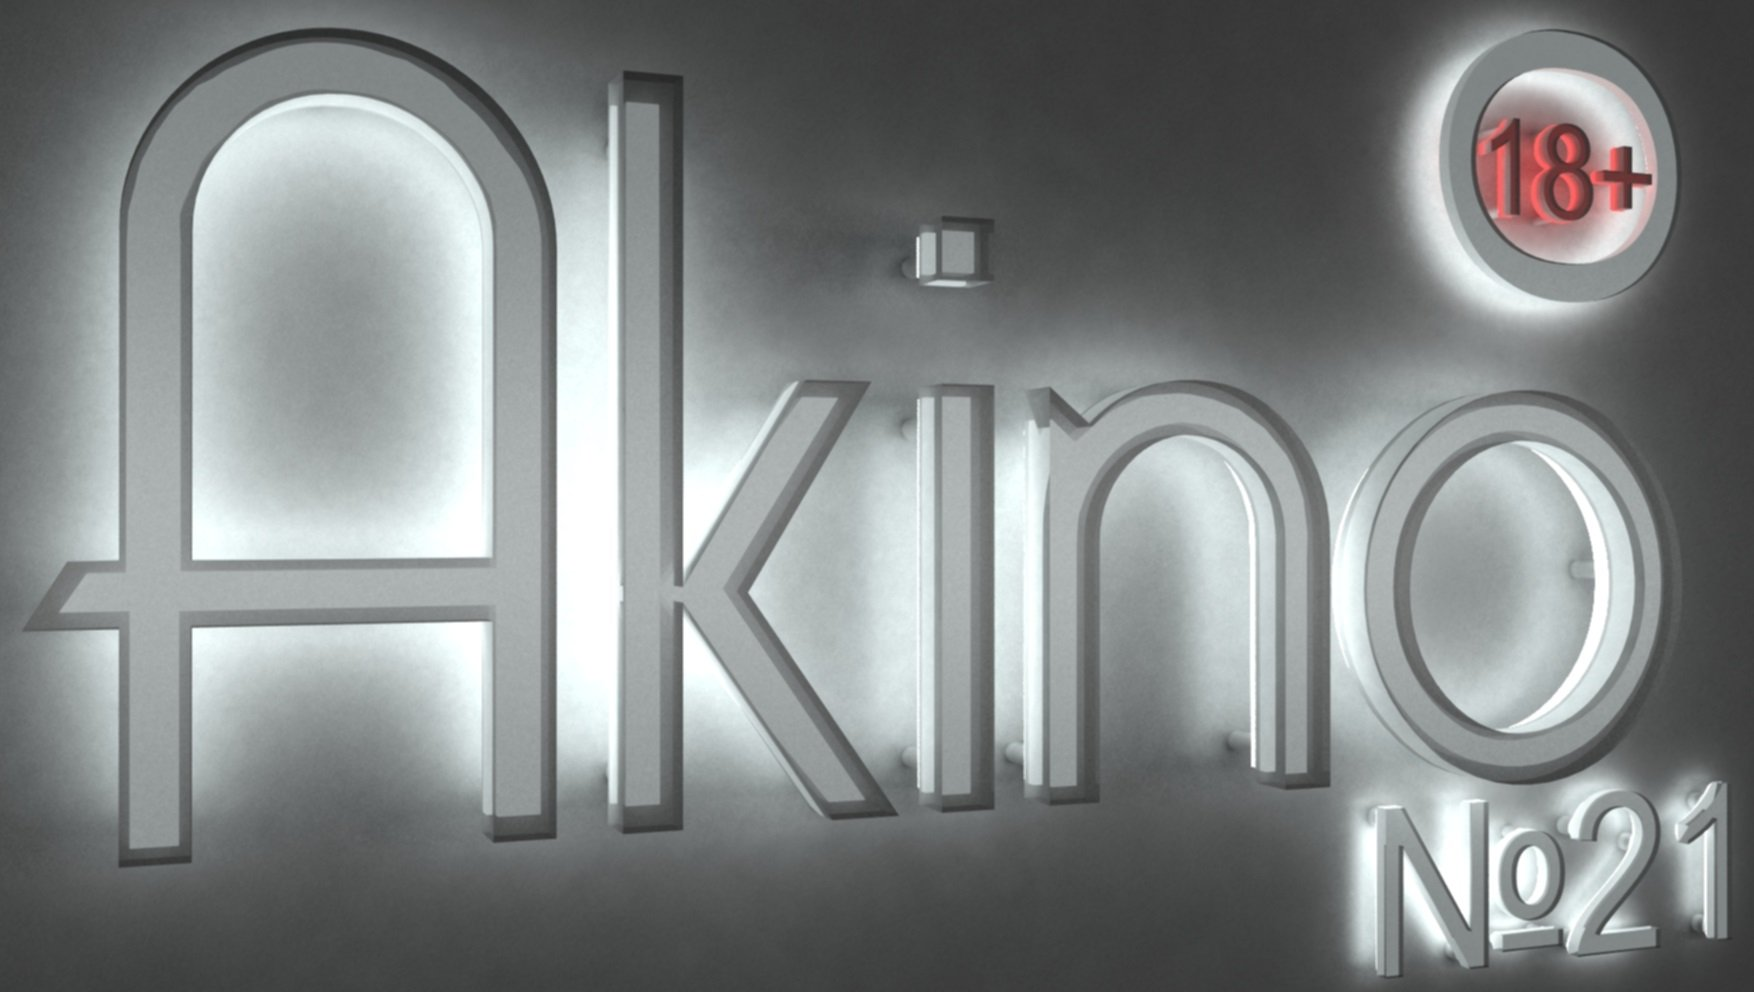 Подкаст AkiNO Выпуск № 21 (18+). - Изображение 1